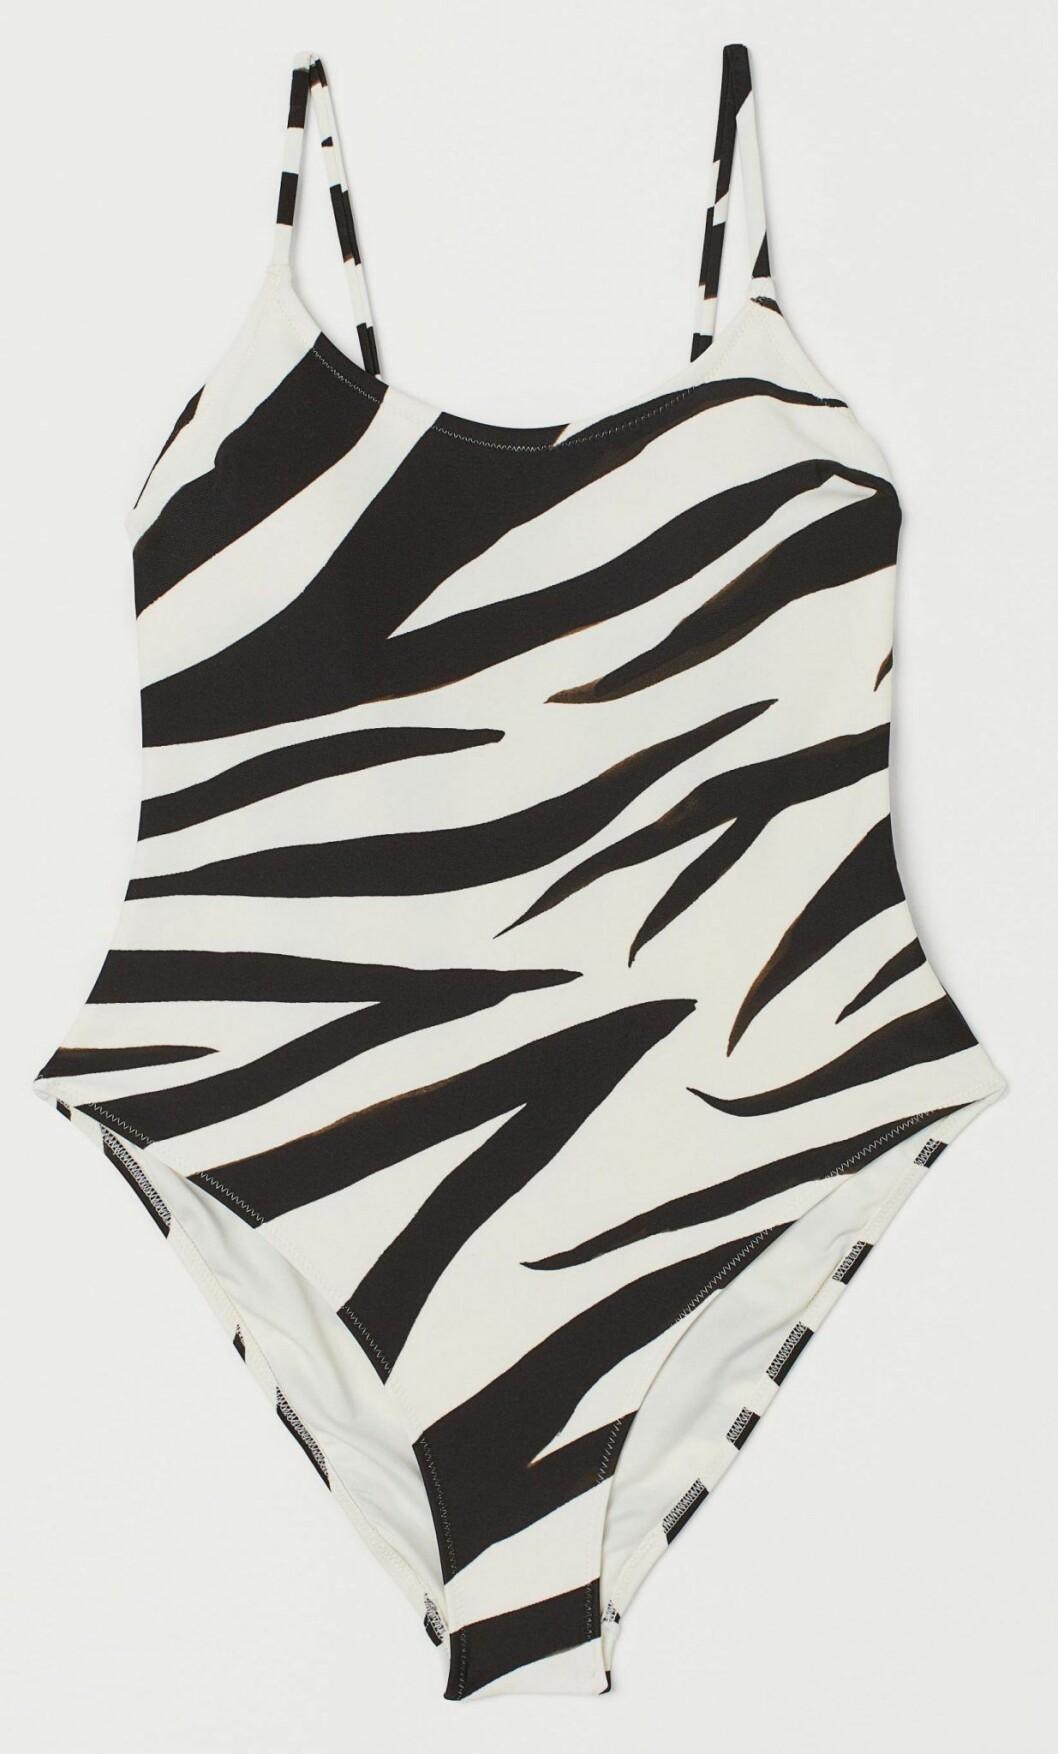 Baddräkt i zebramönster från H&M.